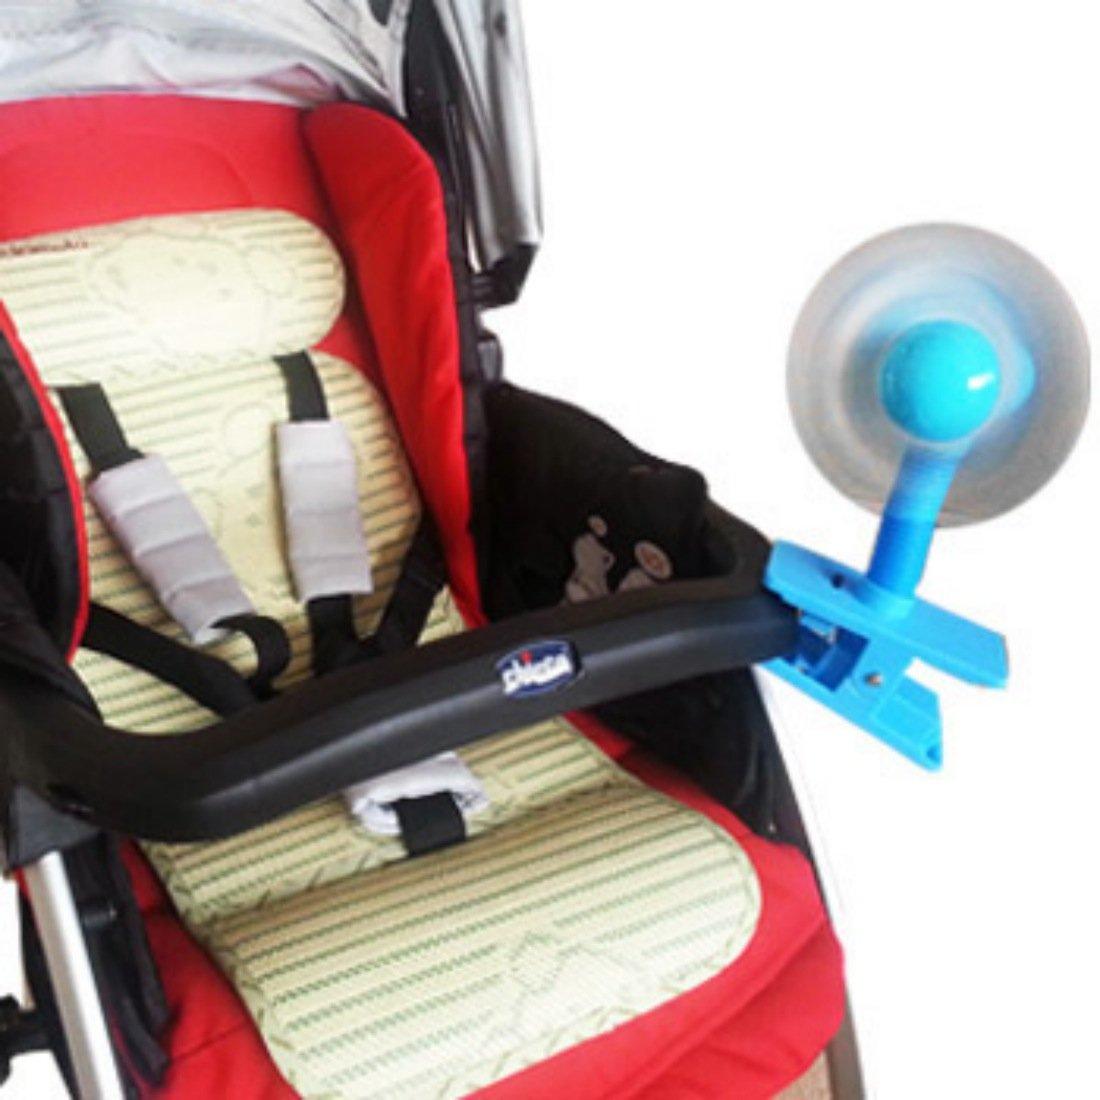 Yellow KF Baby Clip-On Mini Stroller Fan